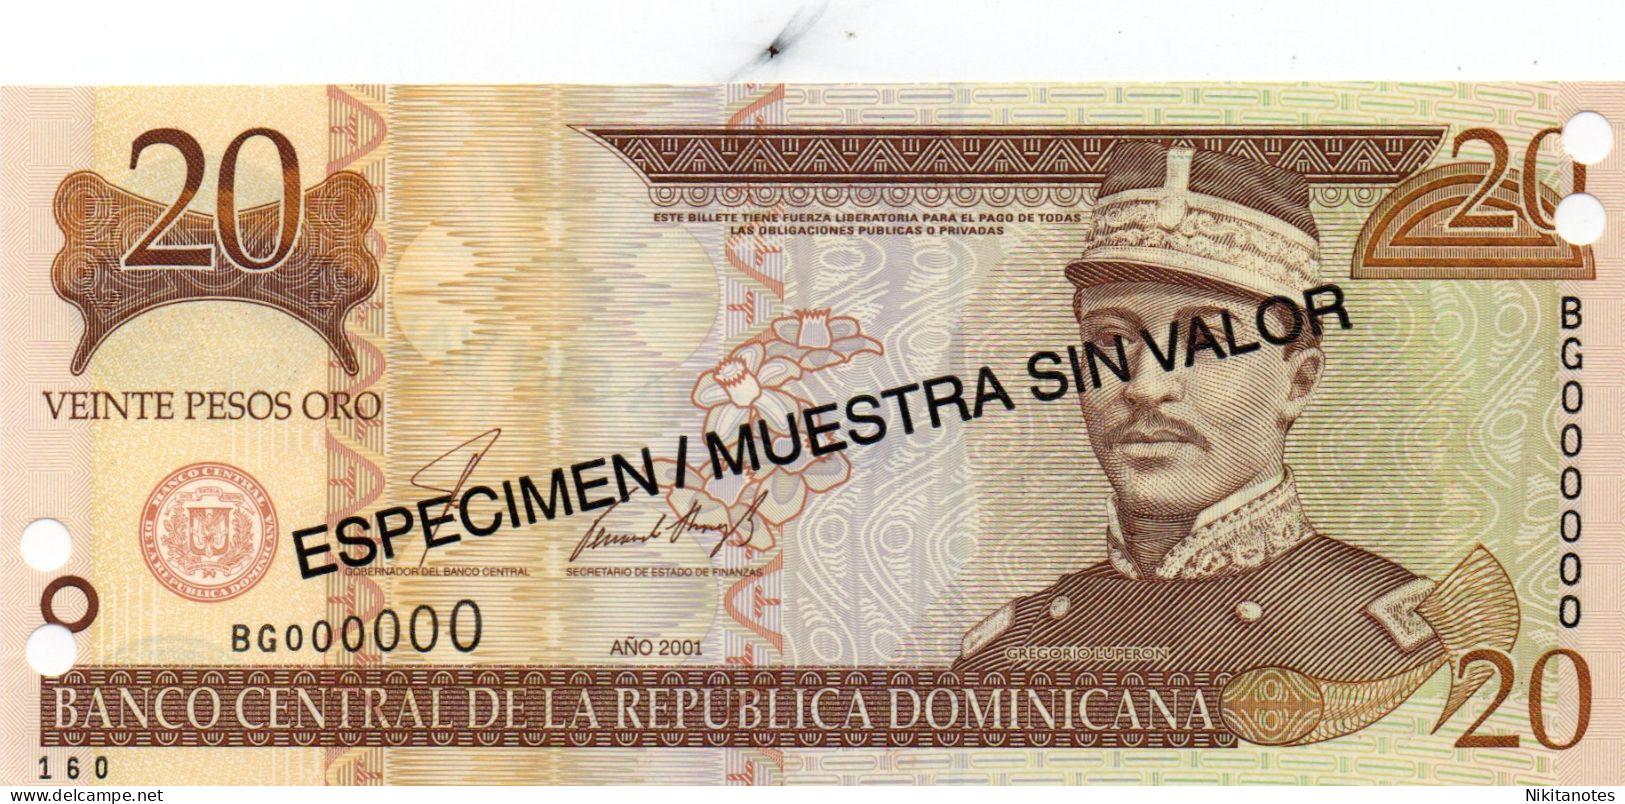 CHILE 20000 20,000 PESOS 2008 P 159 UNC - Chile